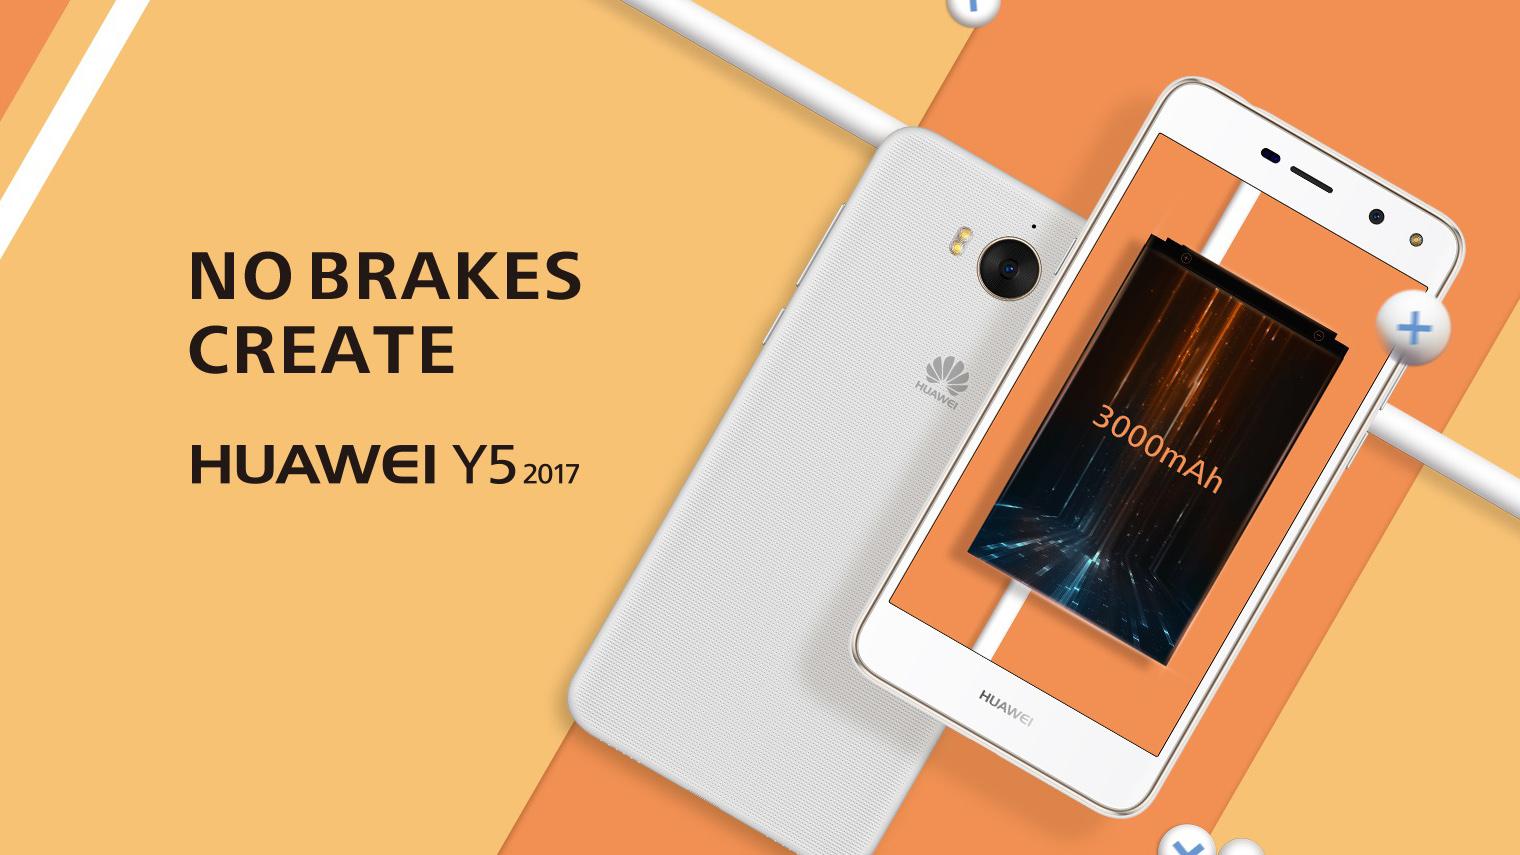 Huawei-y5-2017-price-in-nepal